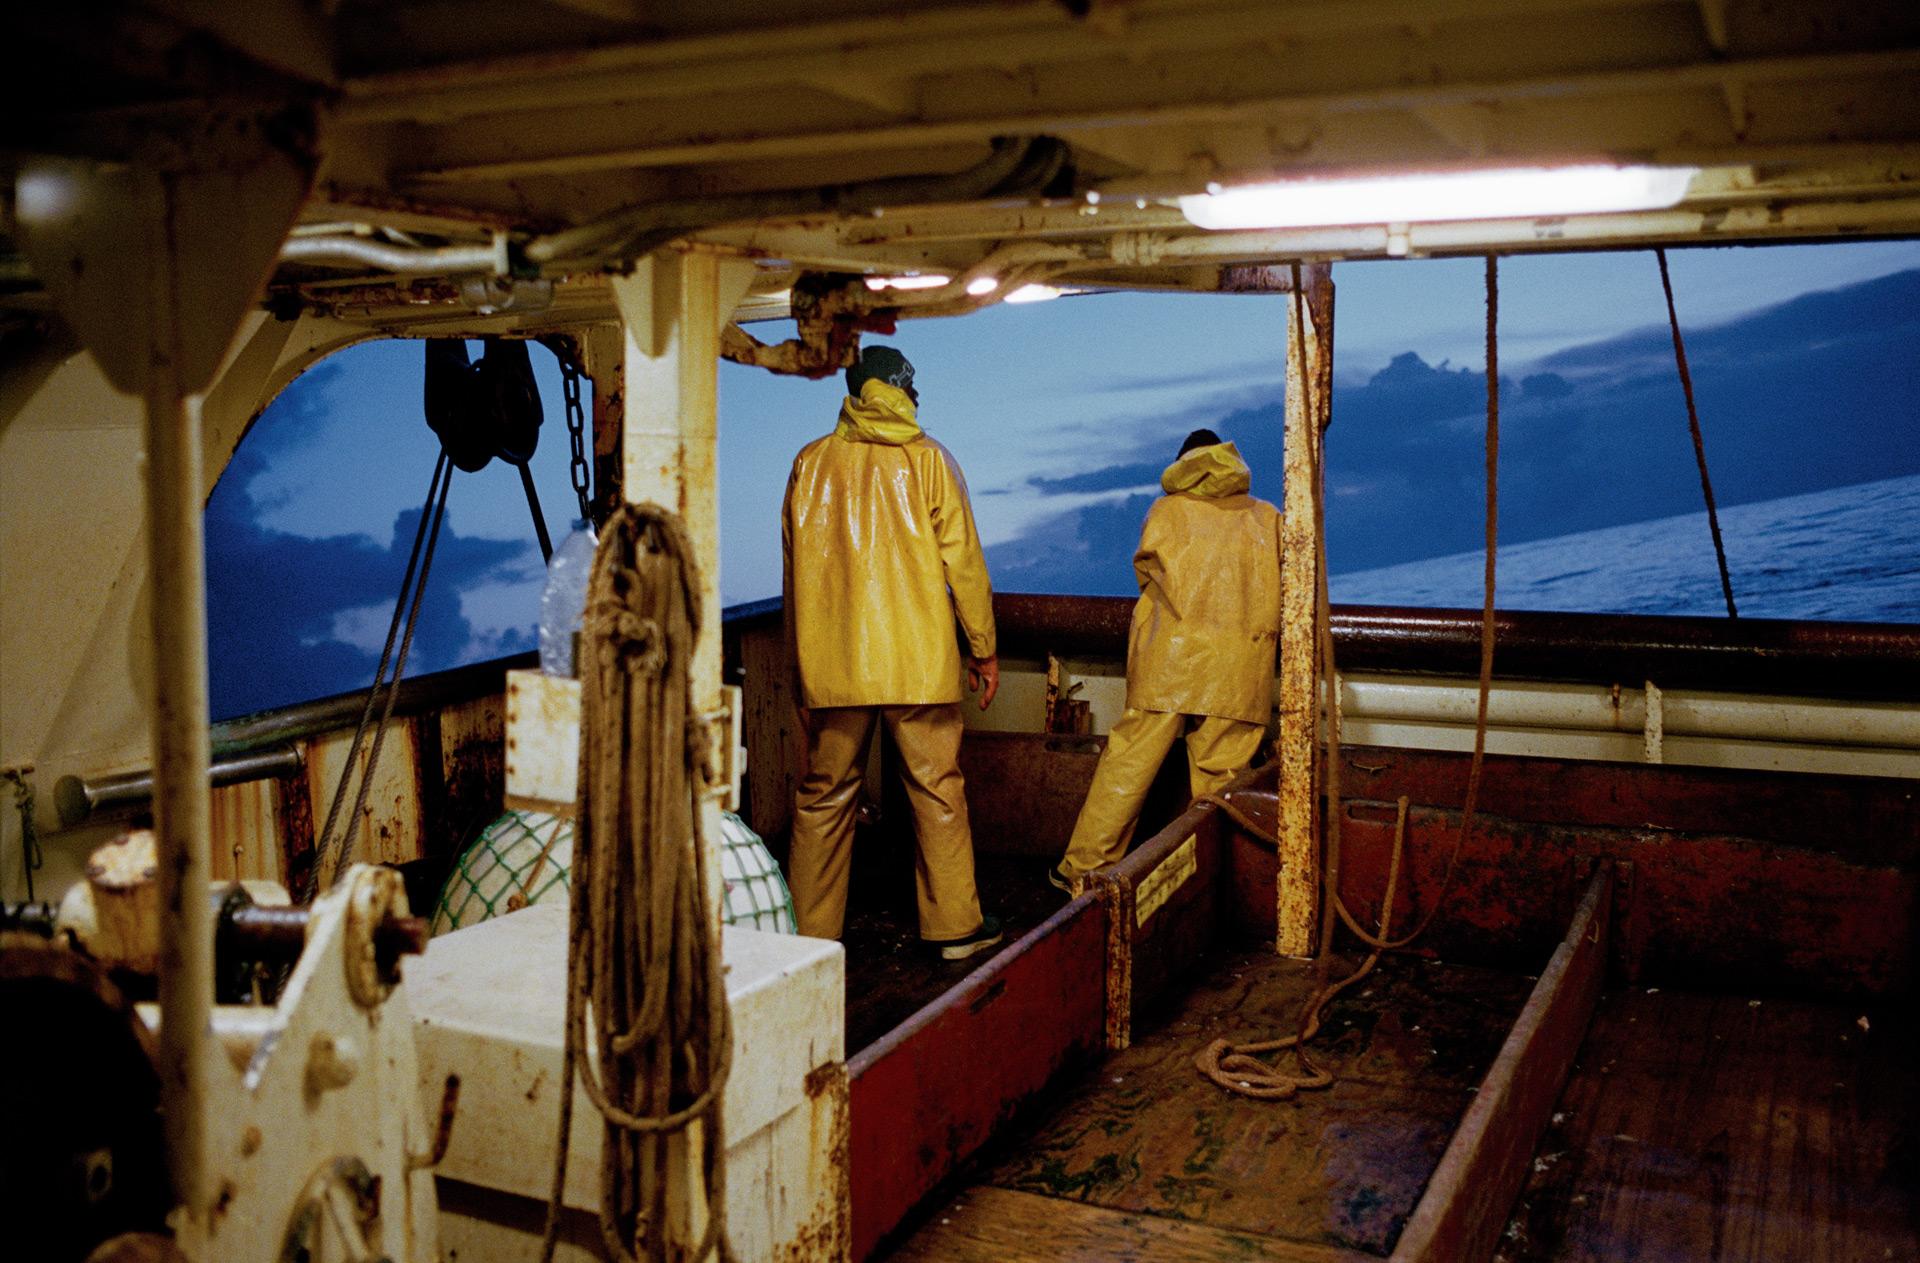 Babacar et Dominique à l'arrière du bateau.